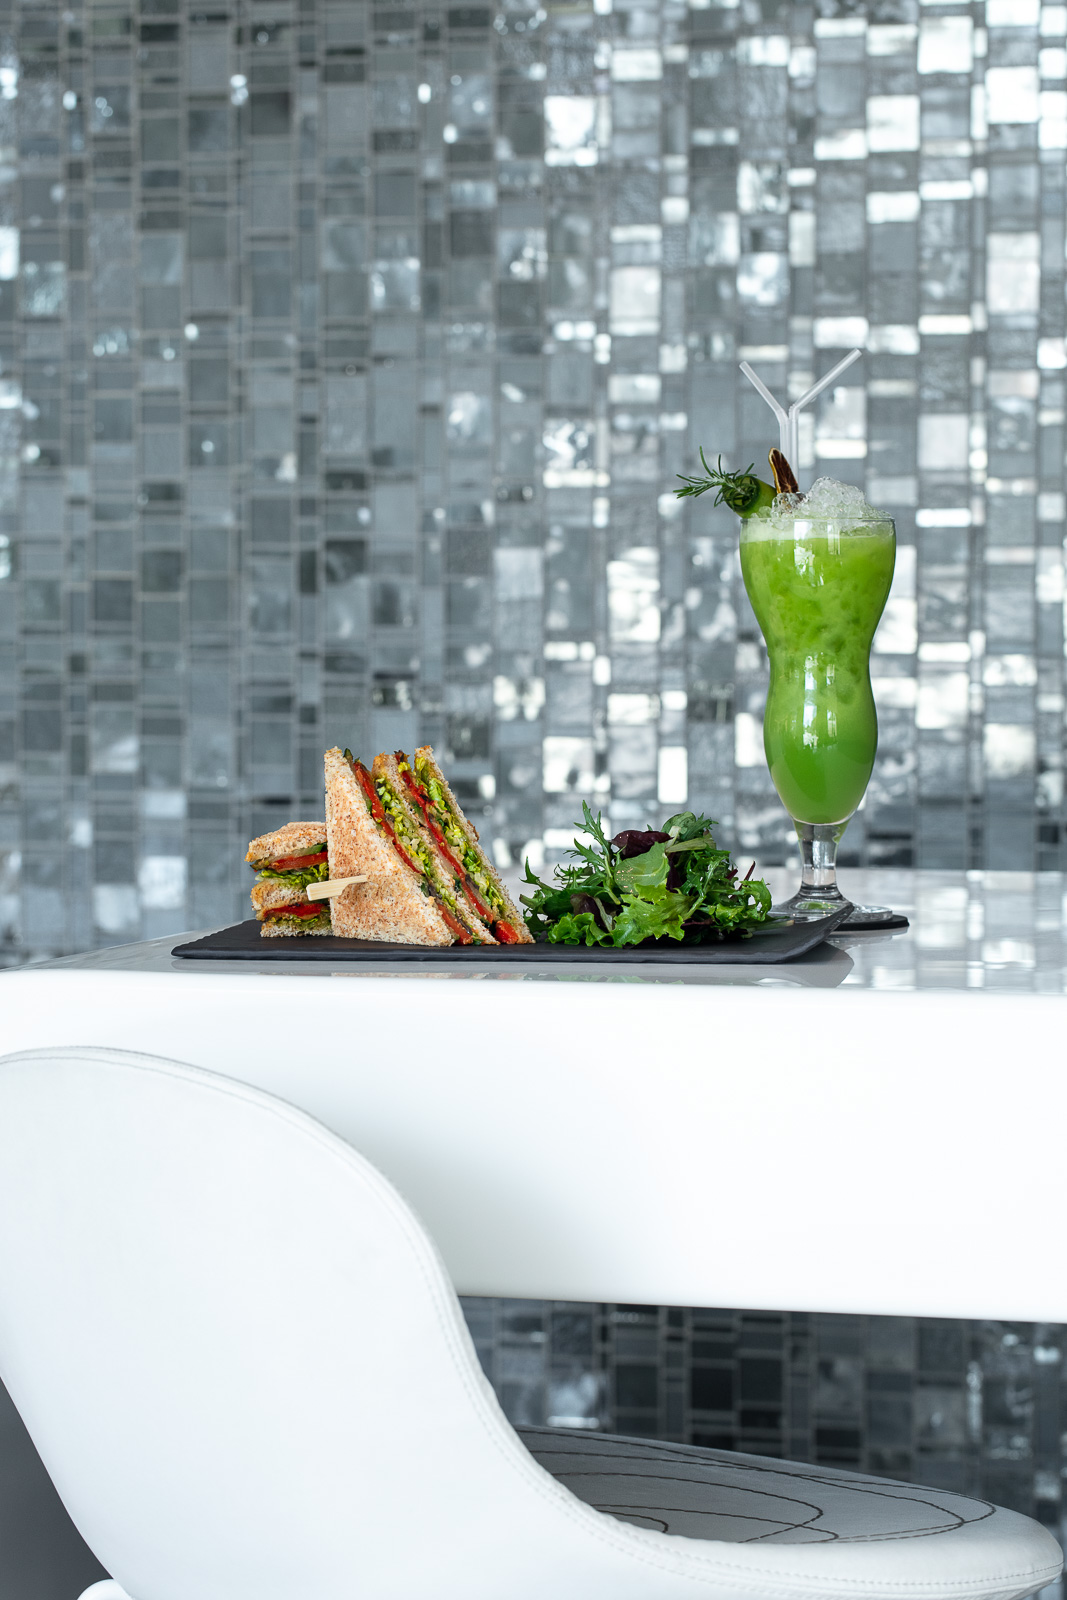 Franck_Hamel_Hotel_de_Paris_valerie_paumelle_agent-photographe_culinaire-foodphotographer (13).jpg